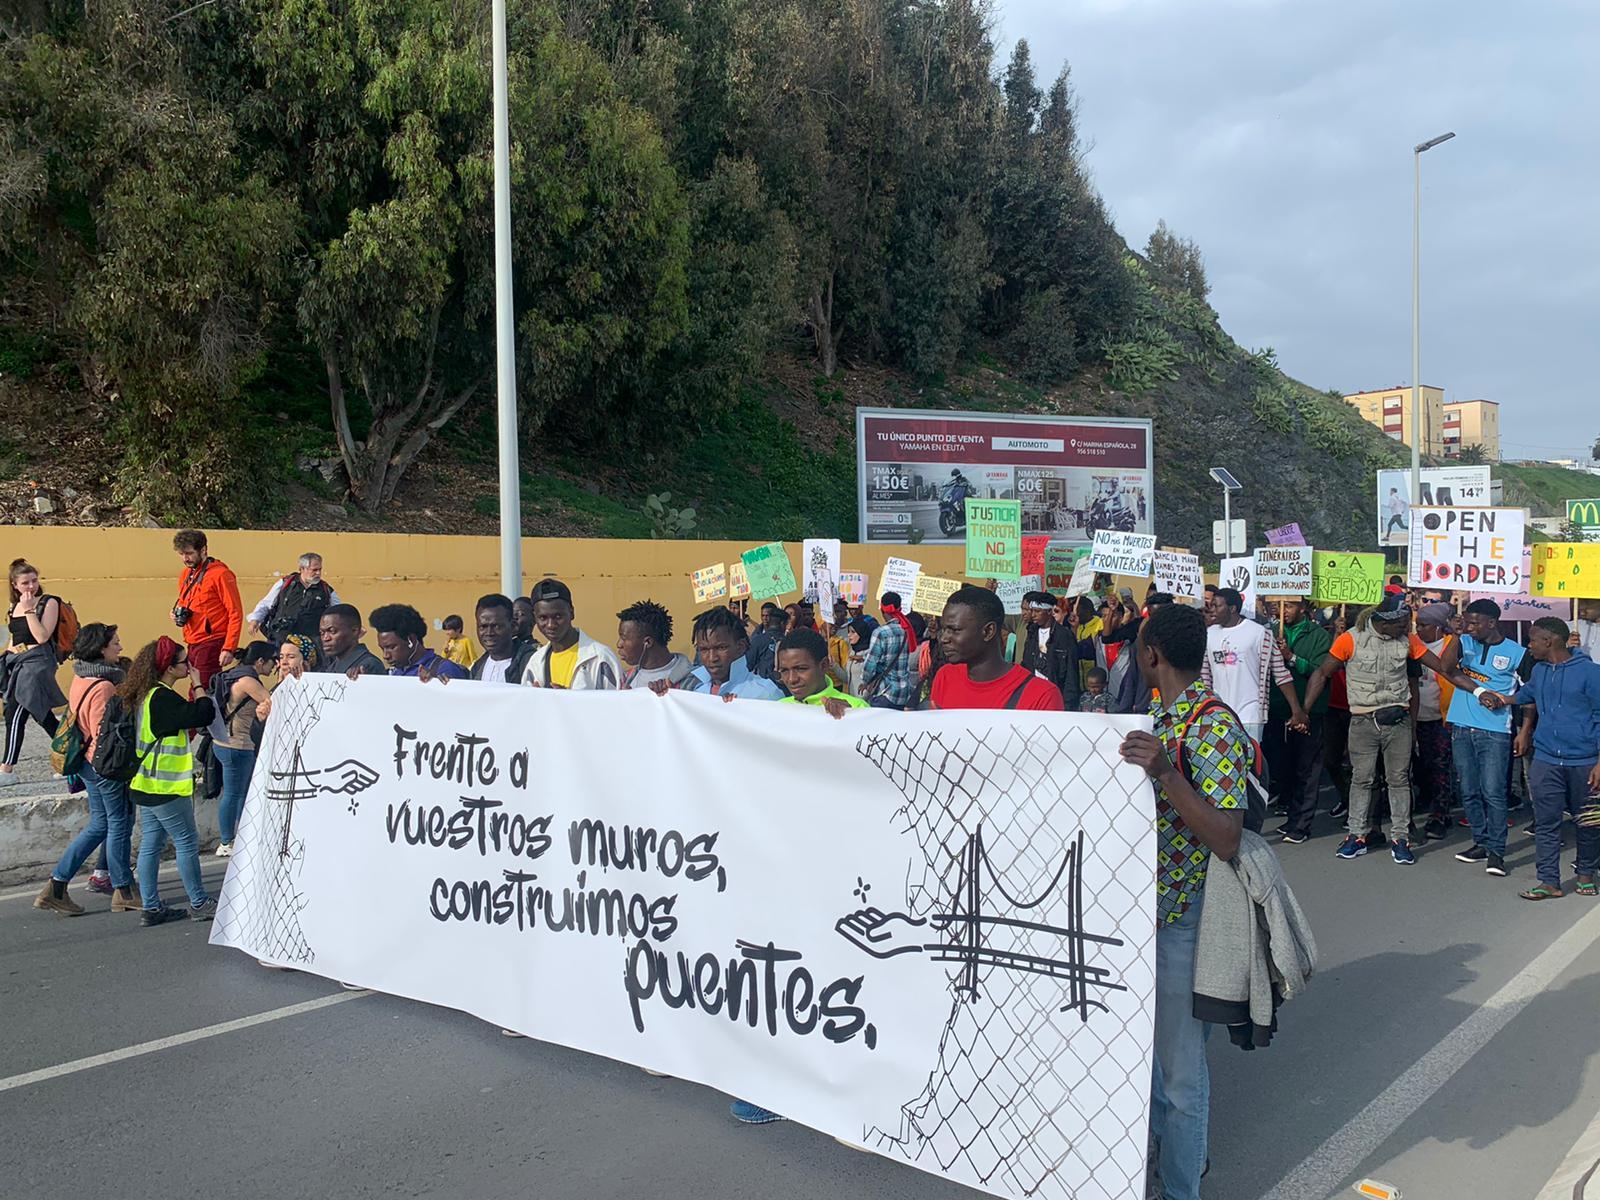 Protesto em Ceuta homenageia imigrantes mortos em praia e critica política europeia